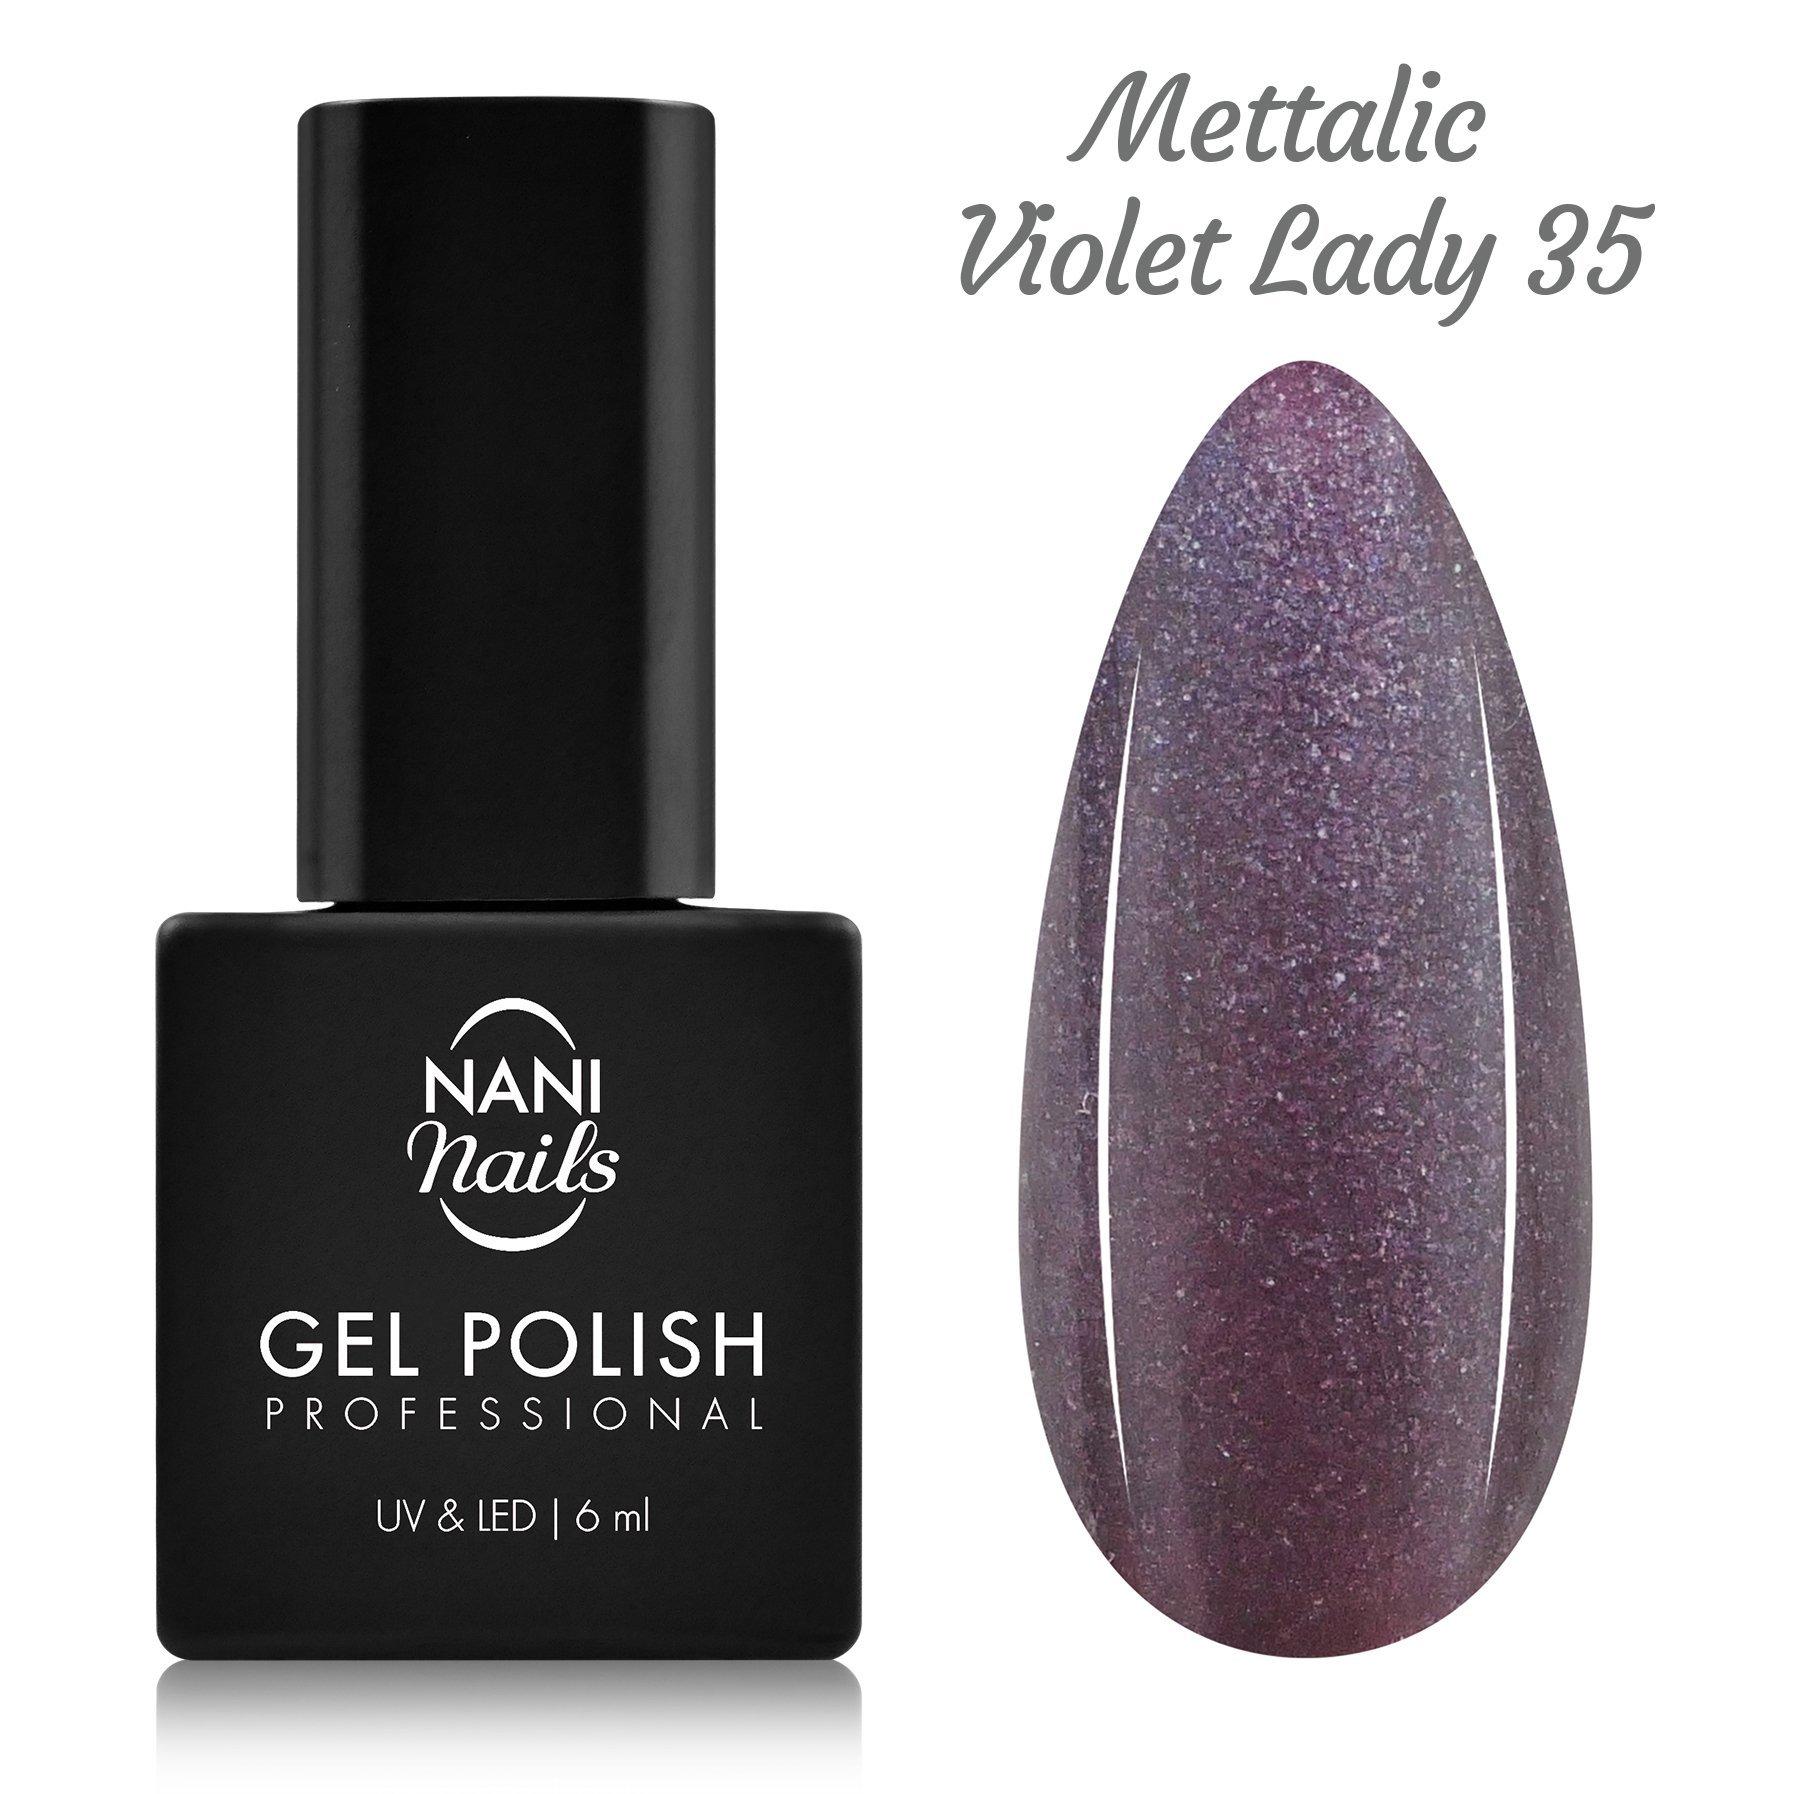 NANI gél lak 6 ml - Metallic Violet Lady